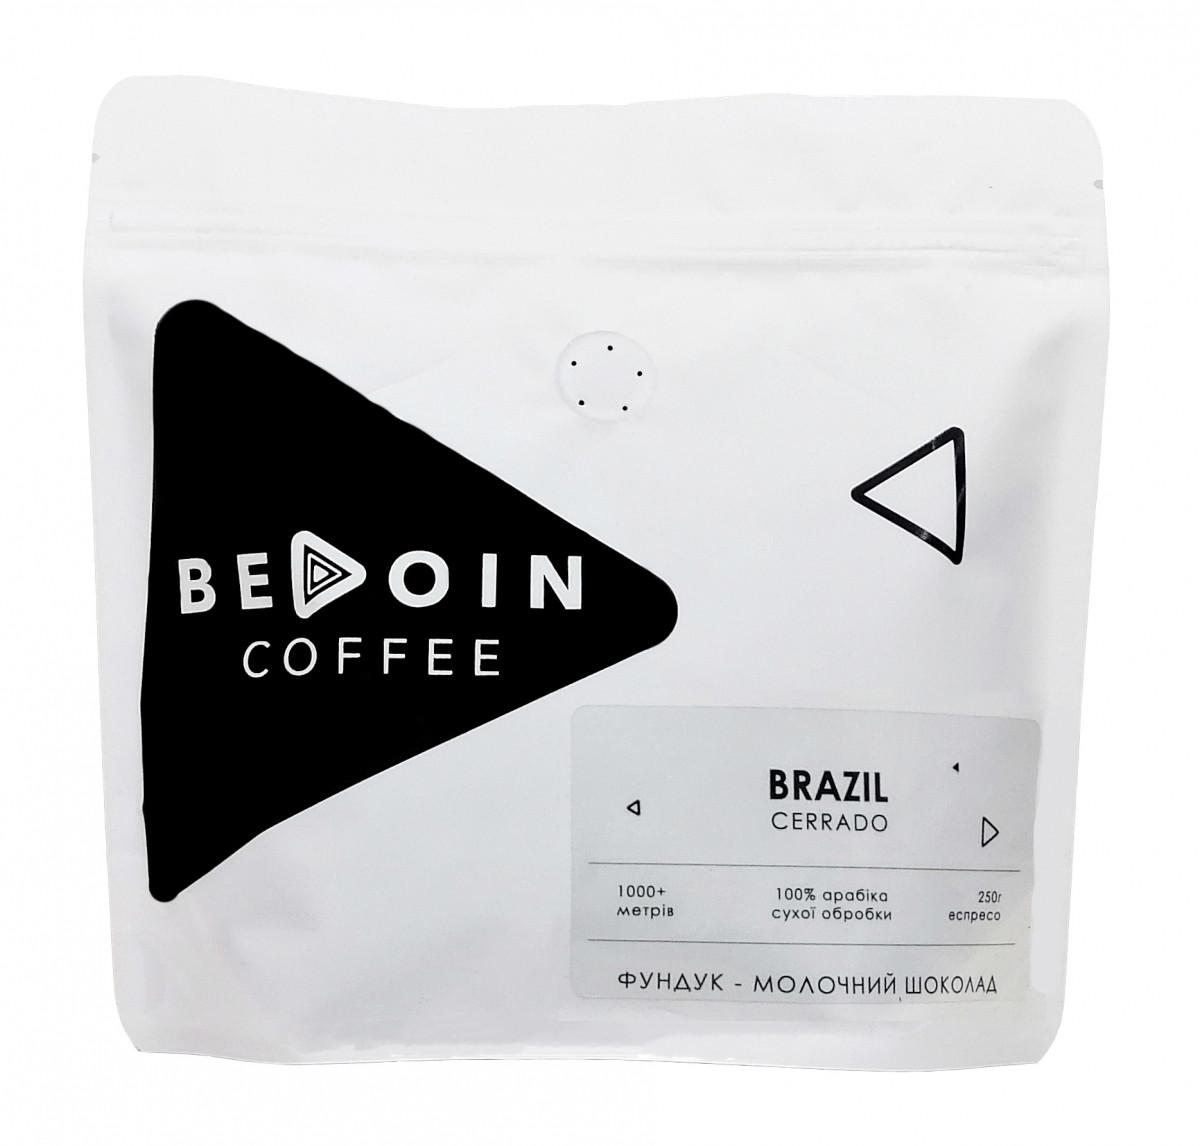 Кофе в зернах свежая обжарка BRAZIL CERRADO YELLOW BOURBON 250г.